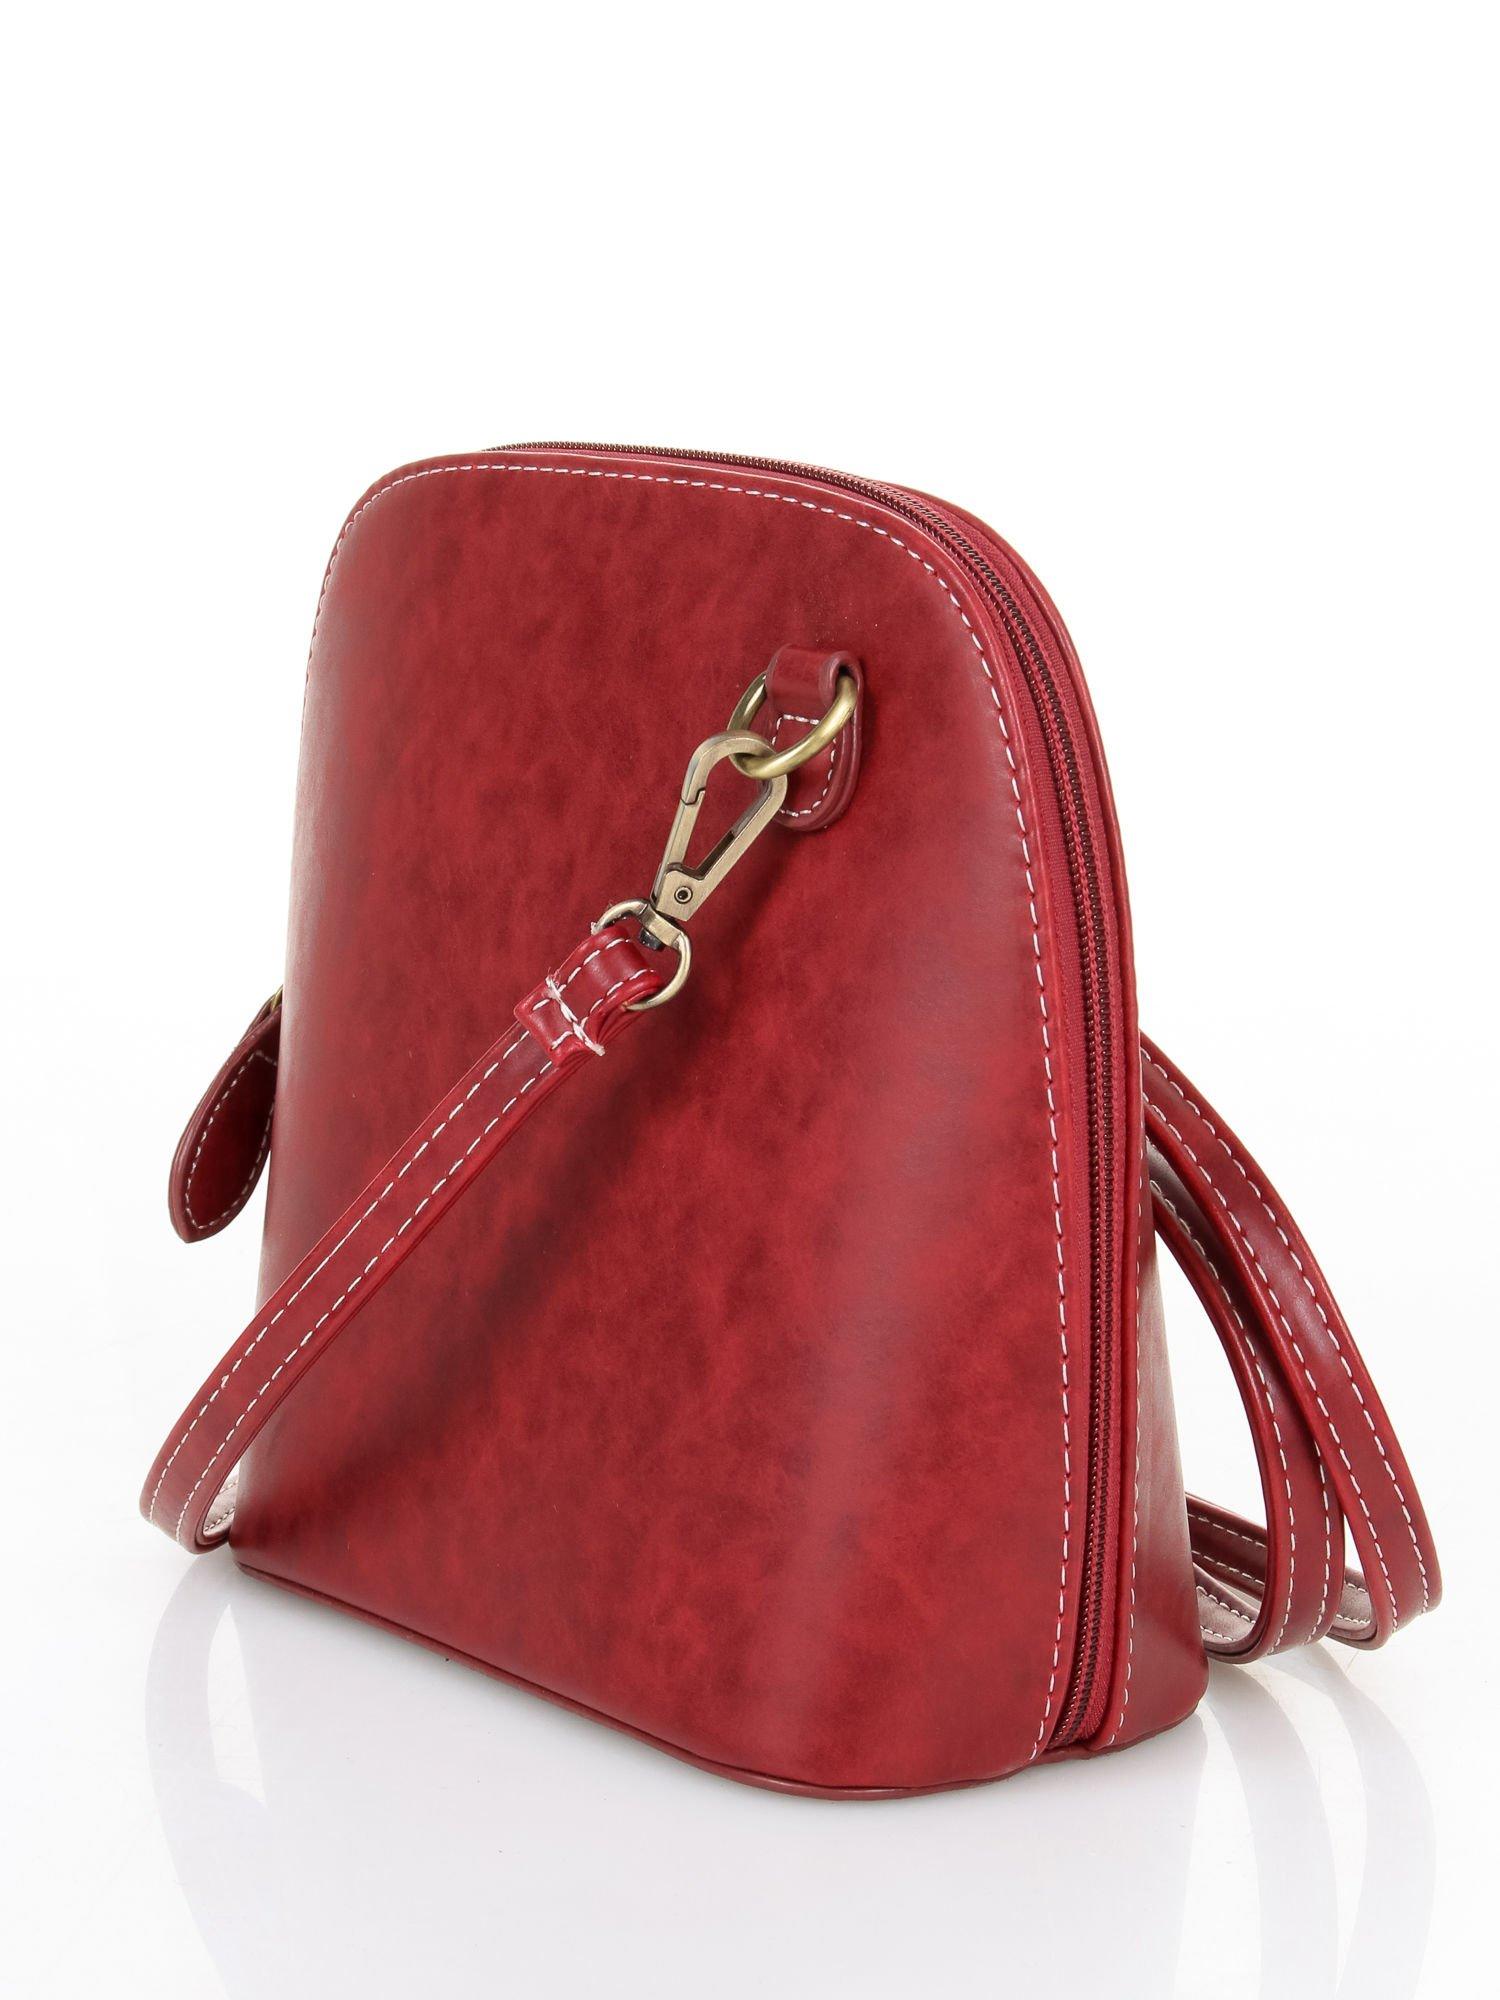 Czerwona elegancka listonoszka z odpinanaym paskiem                                  zdj.                                  2